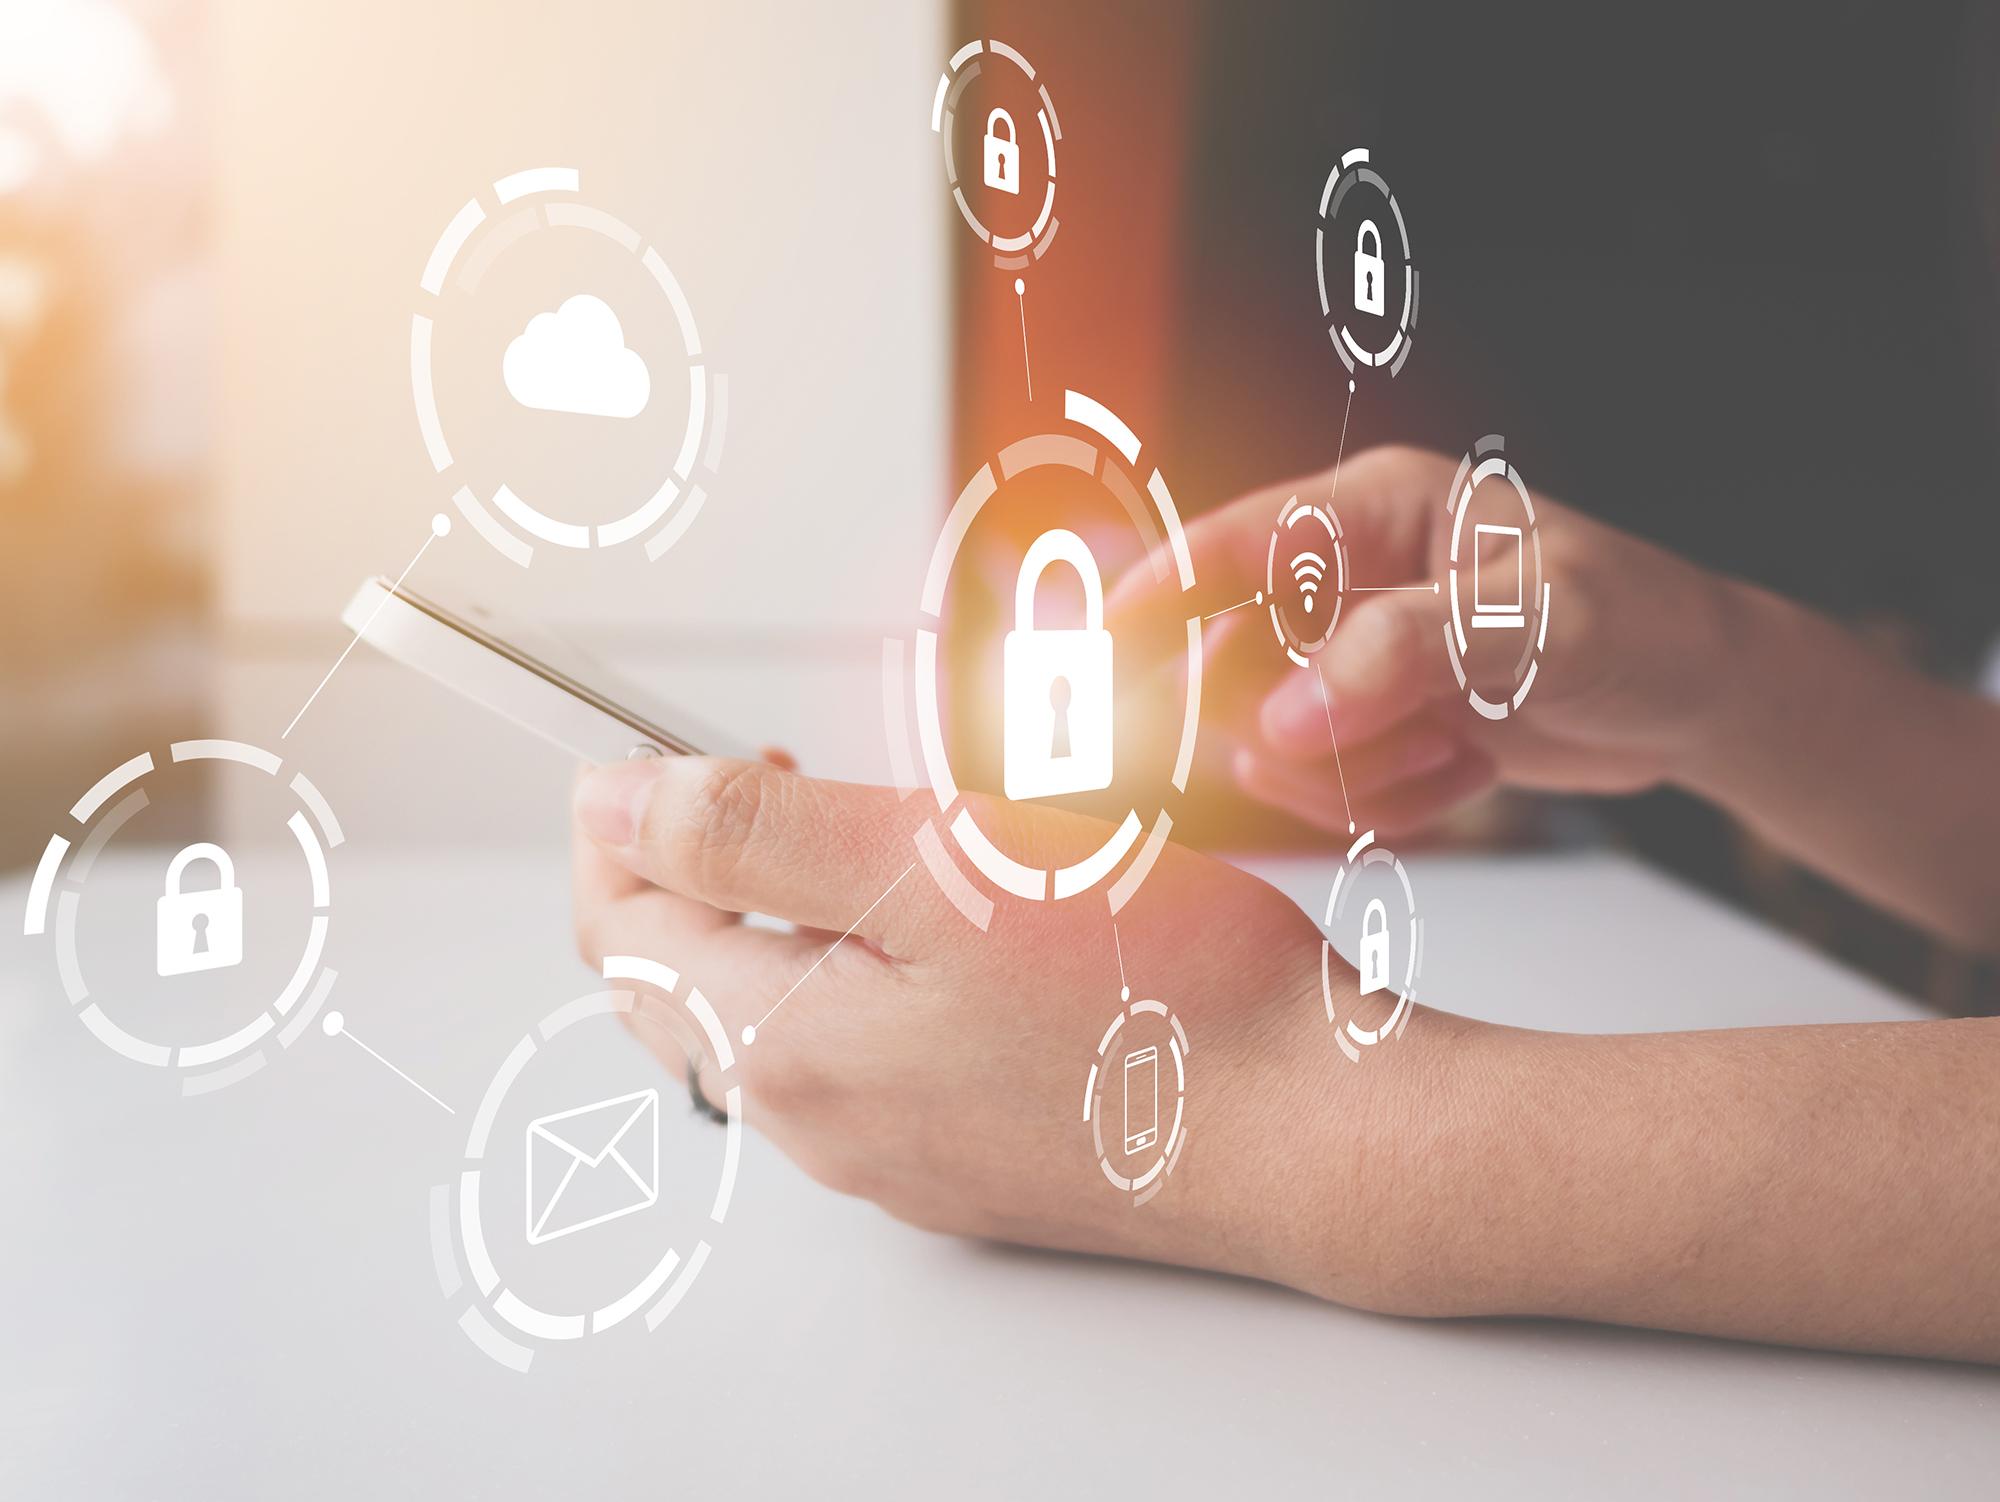 Digitization and IT security awareness